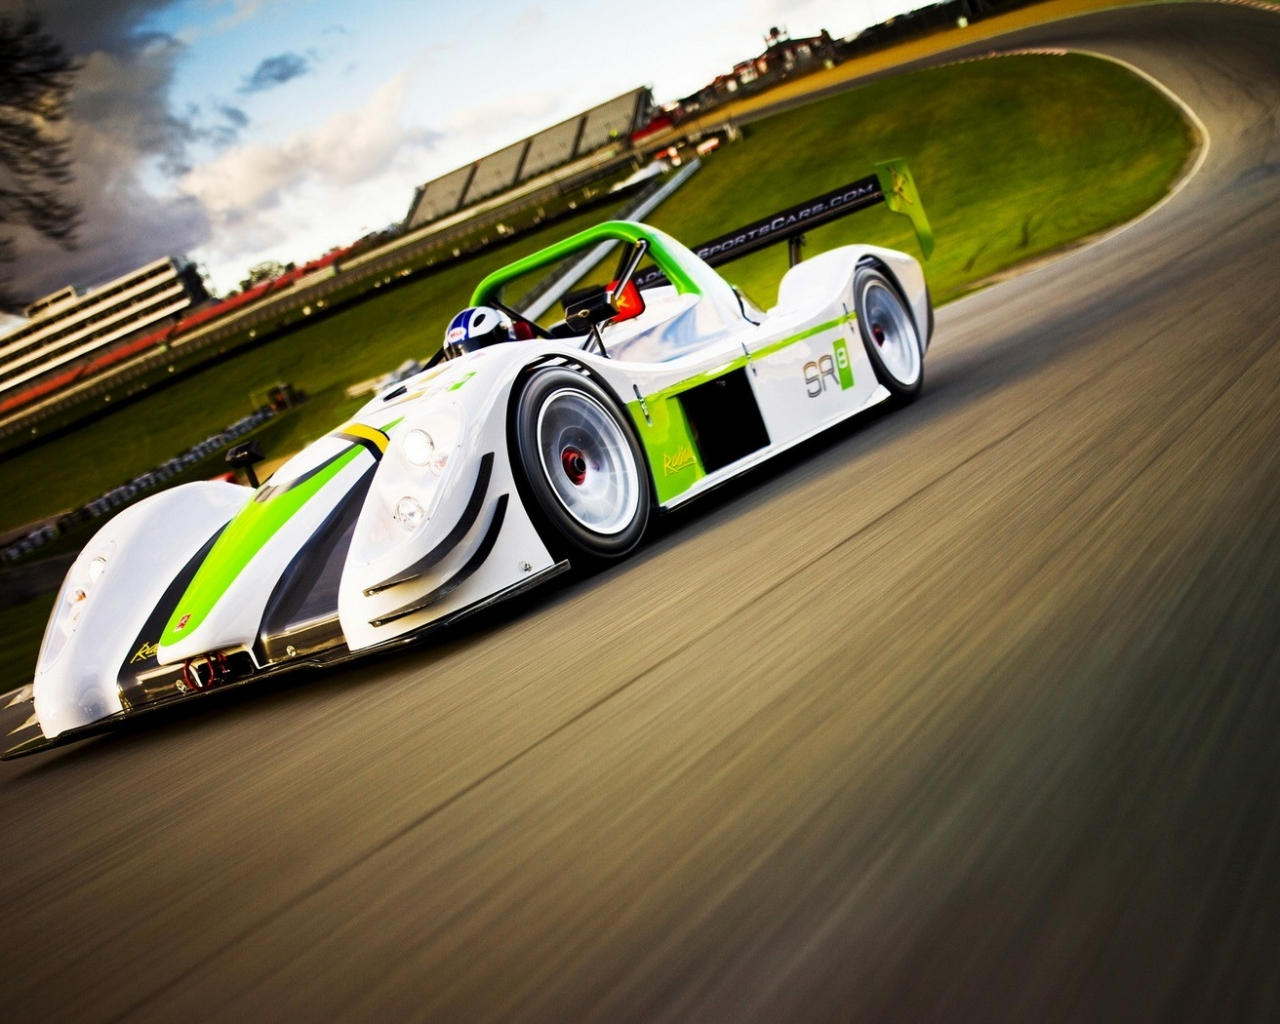 Auto F1 verde - 1280x1024